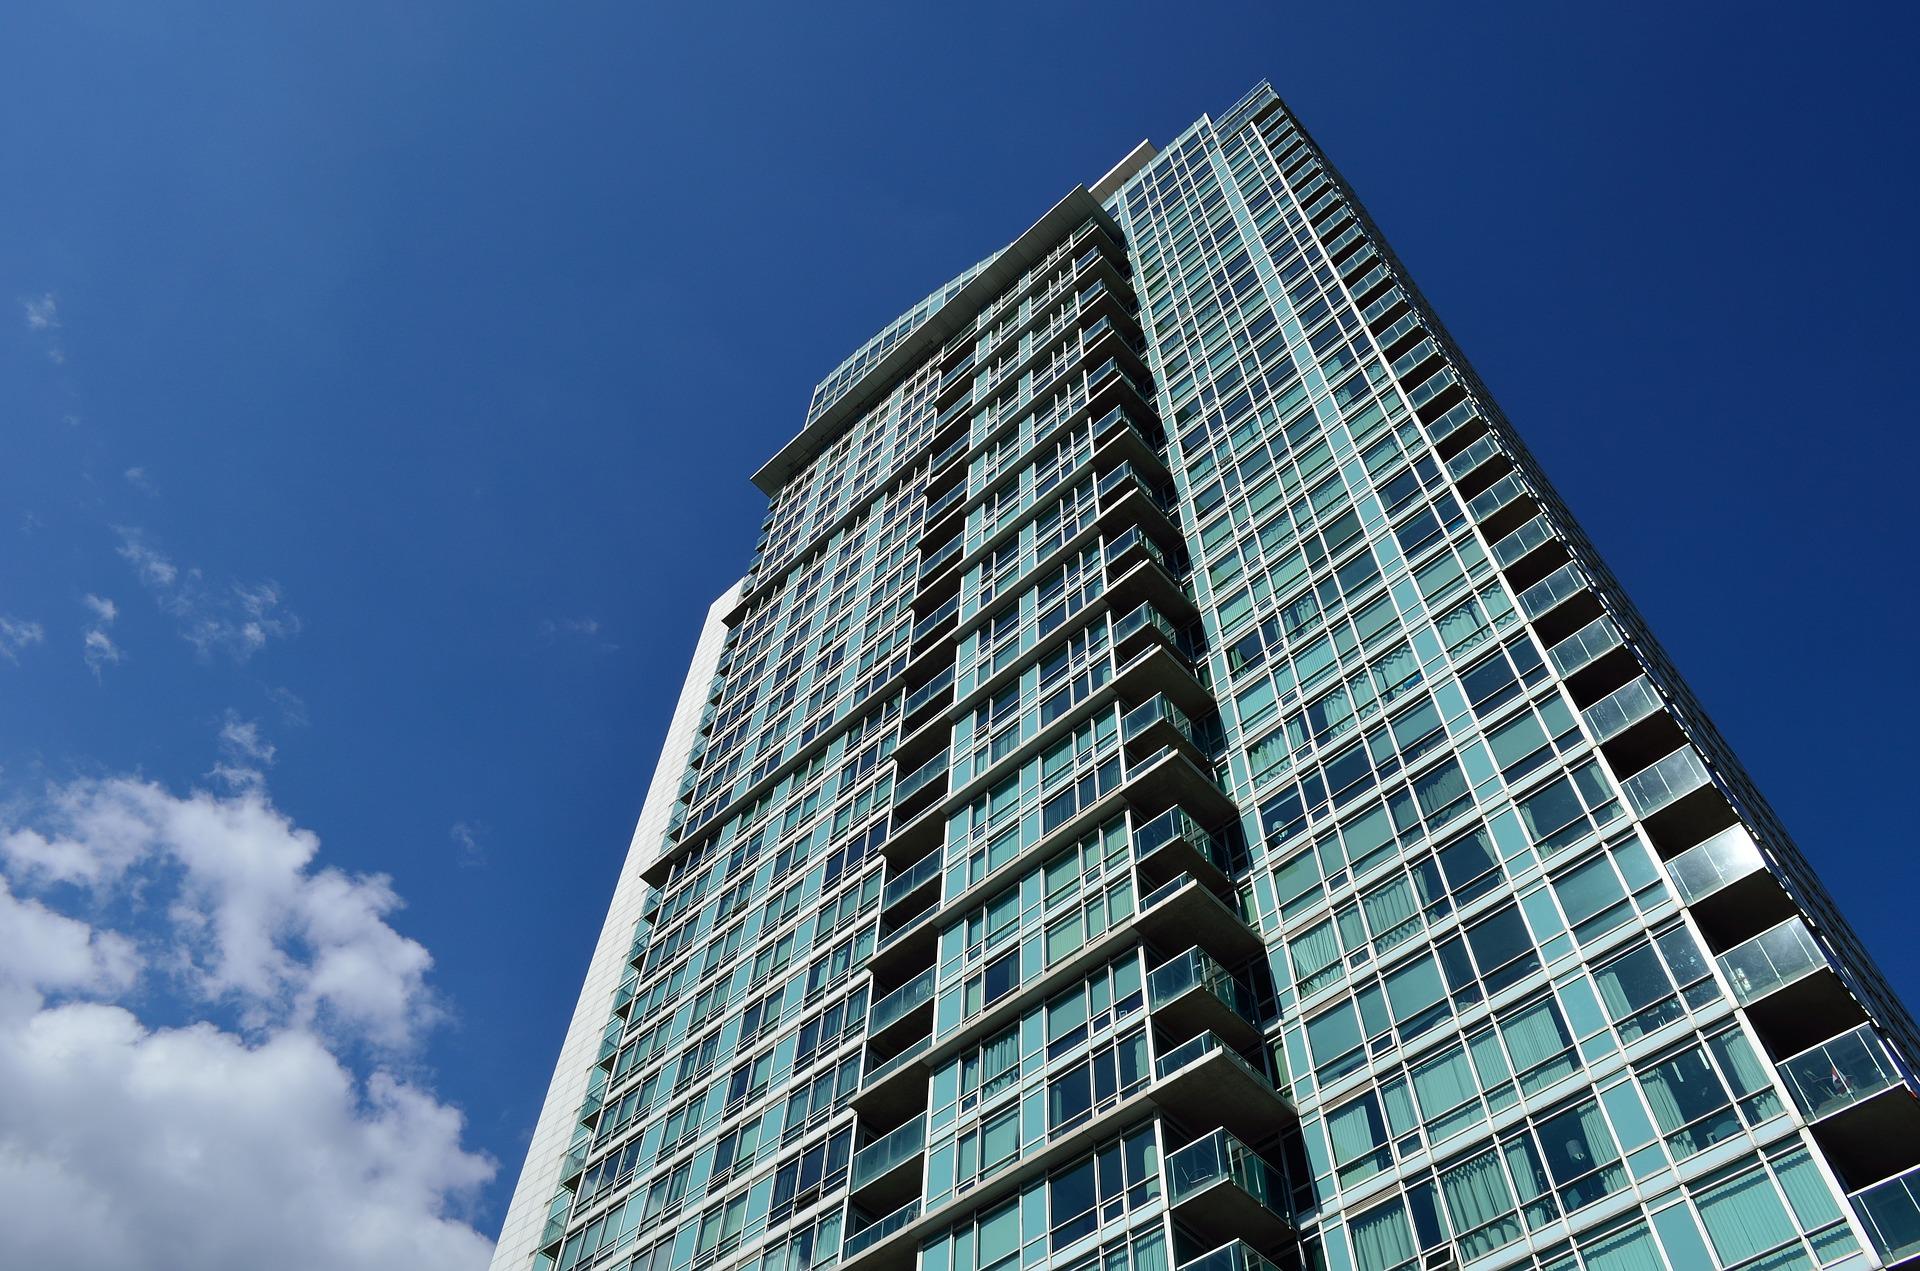 Condo or Apartment?